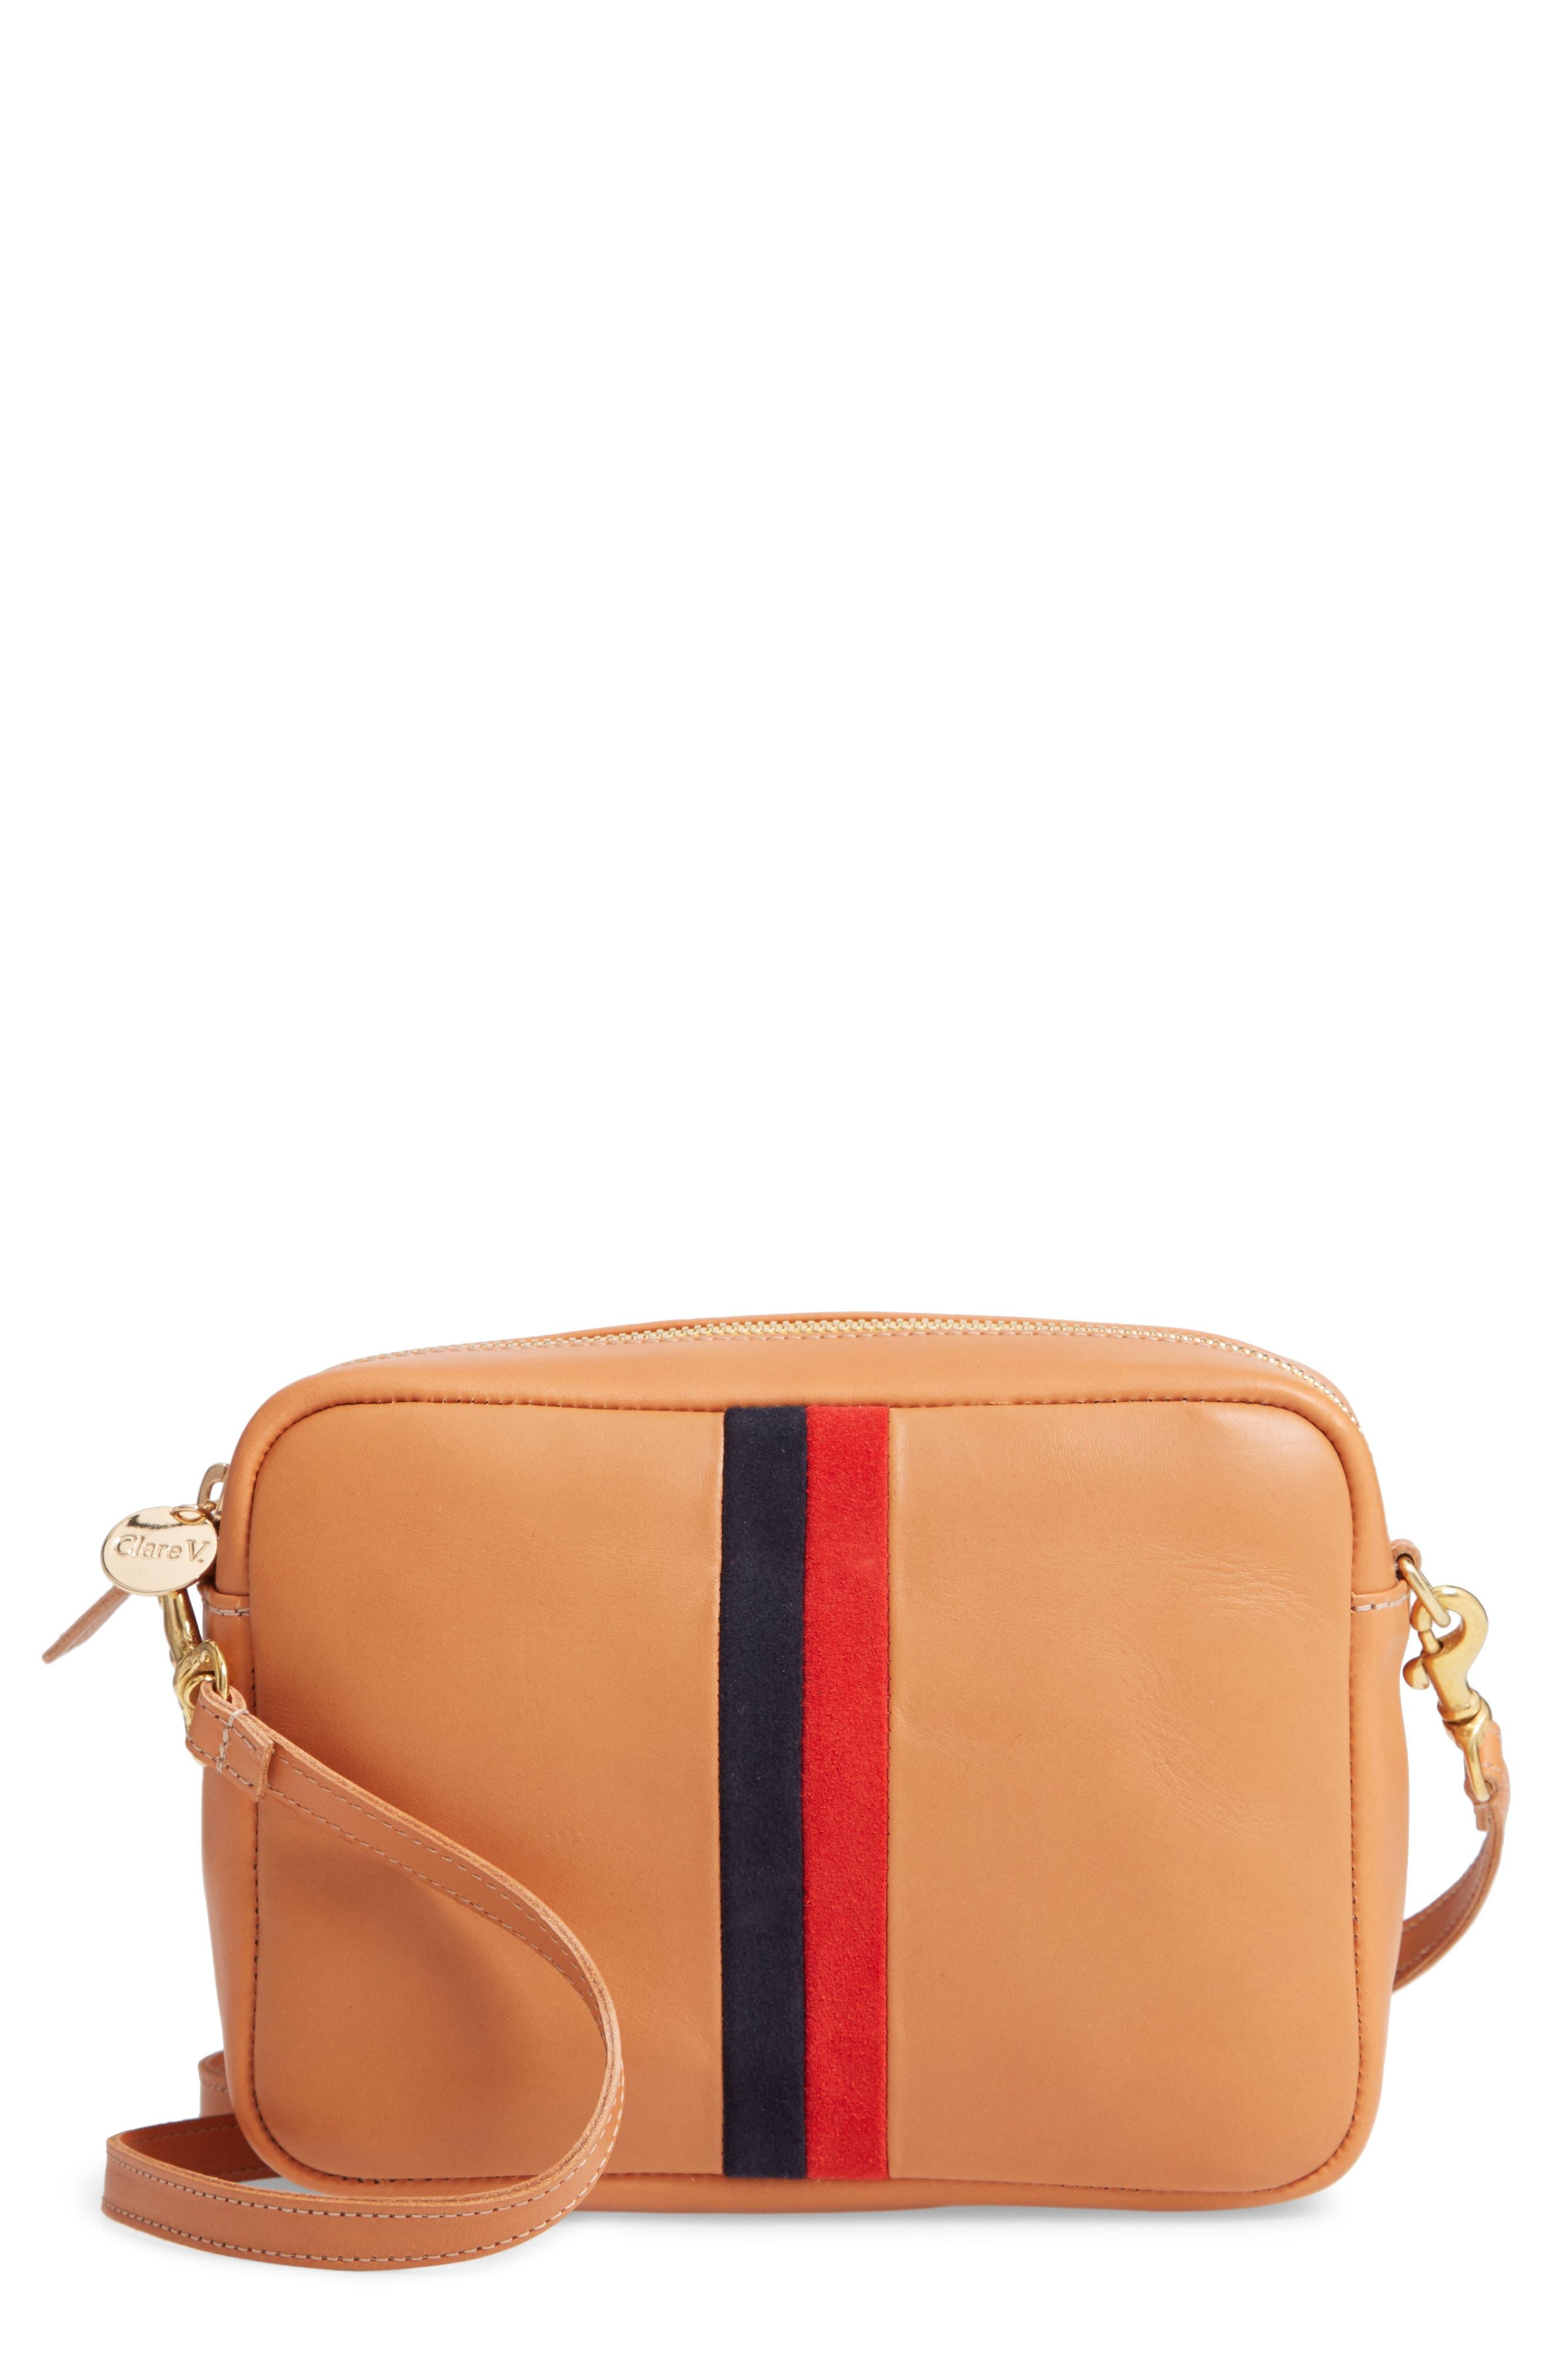 CLARE V Midi Sac Leather Crossbody Bag - Brown in Cuio Vachetta Stripe